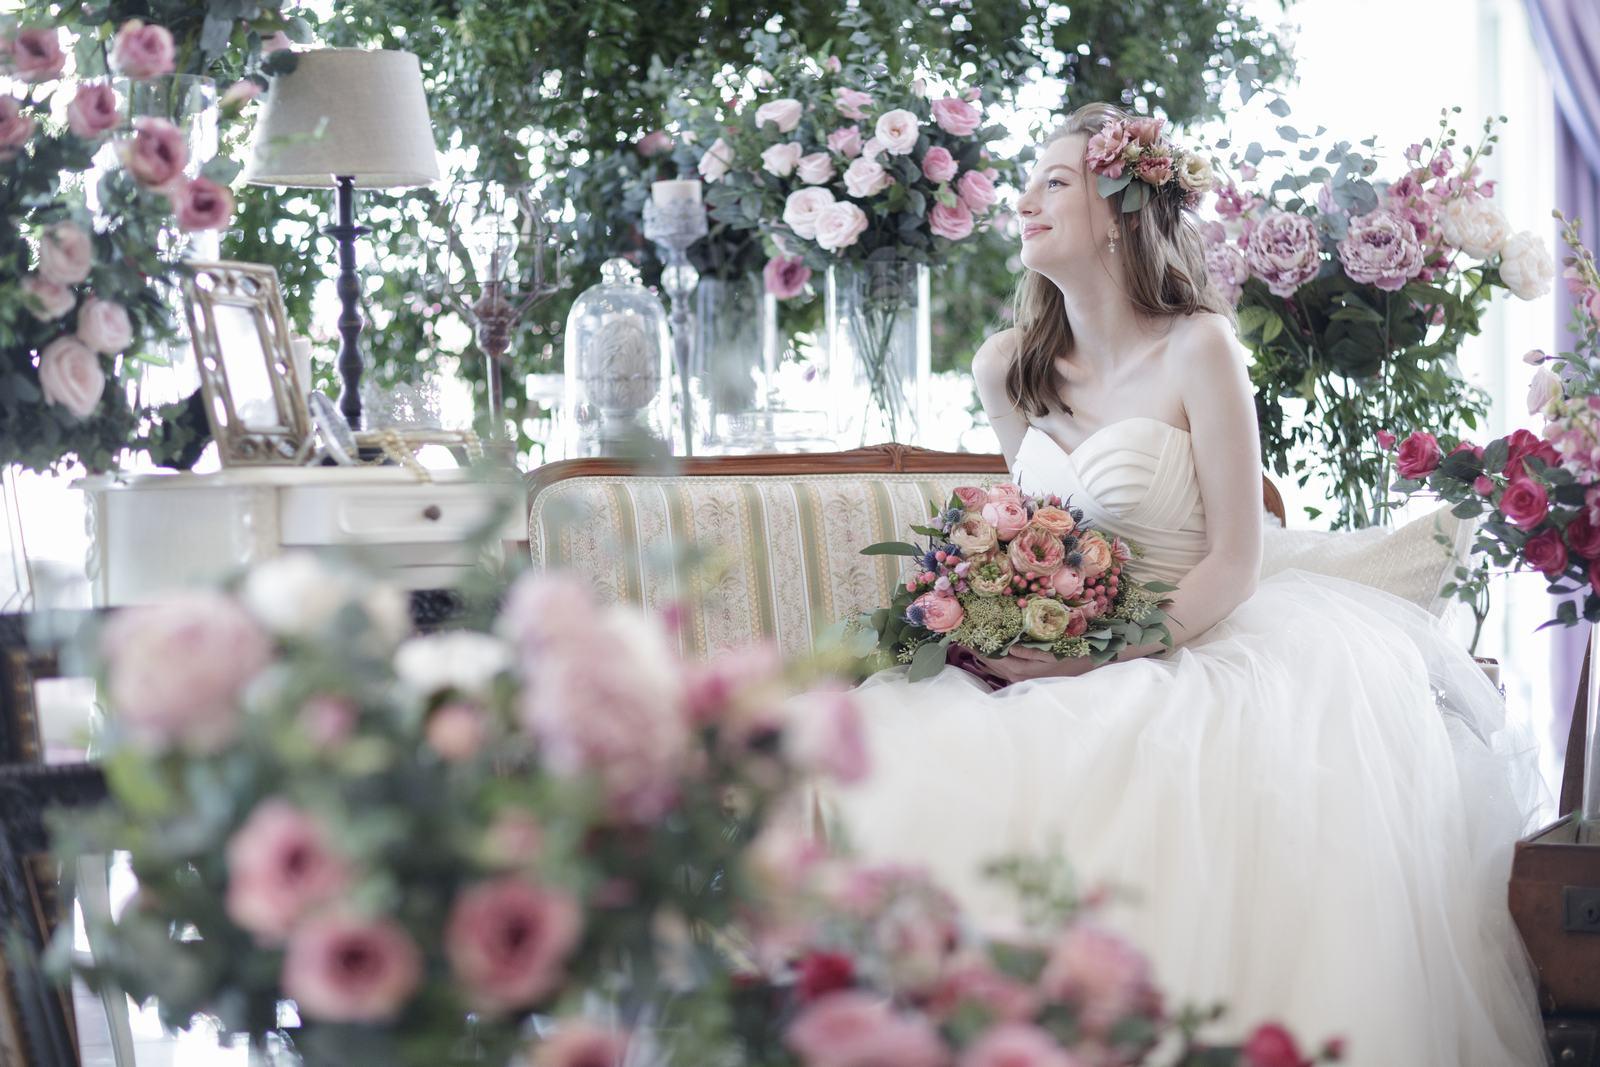 香川県高松市結婚式場シェルエメール&アイスタイルの会場